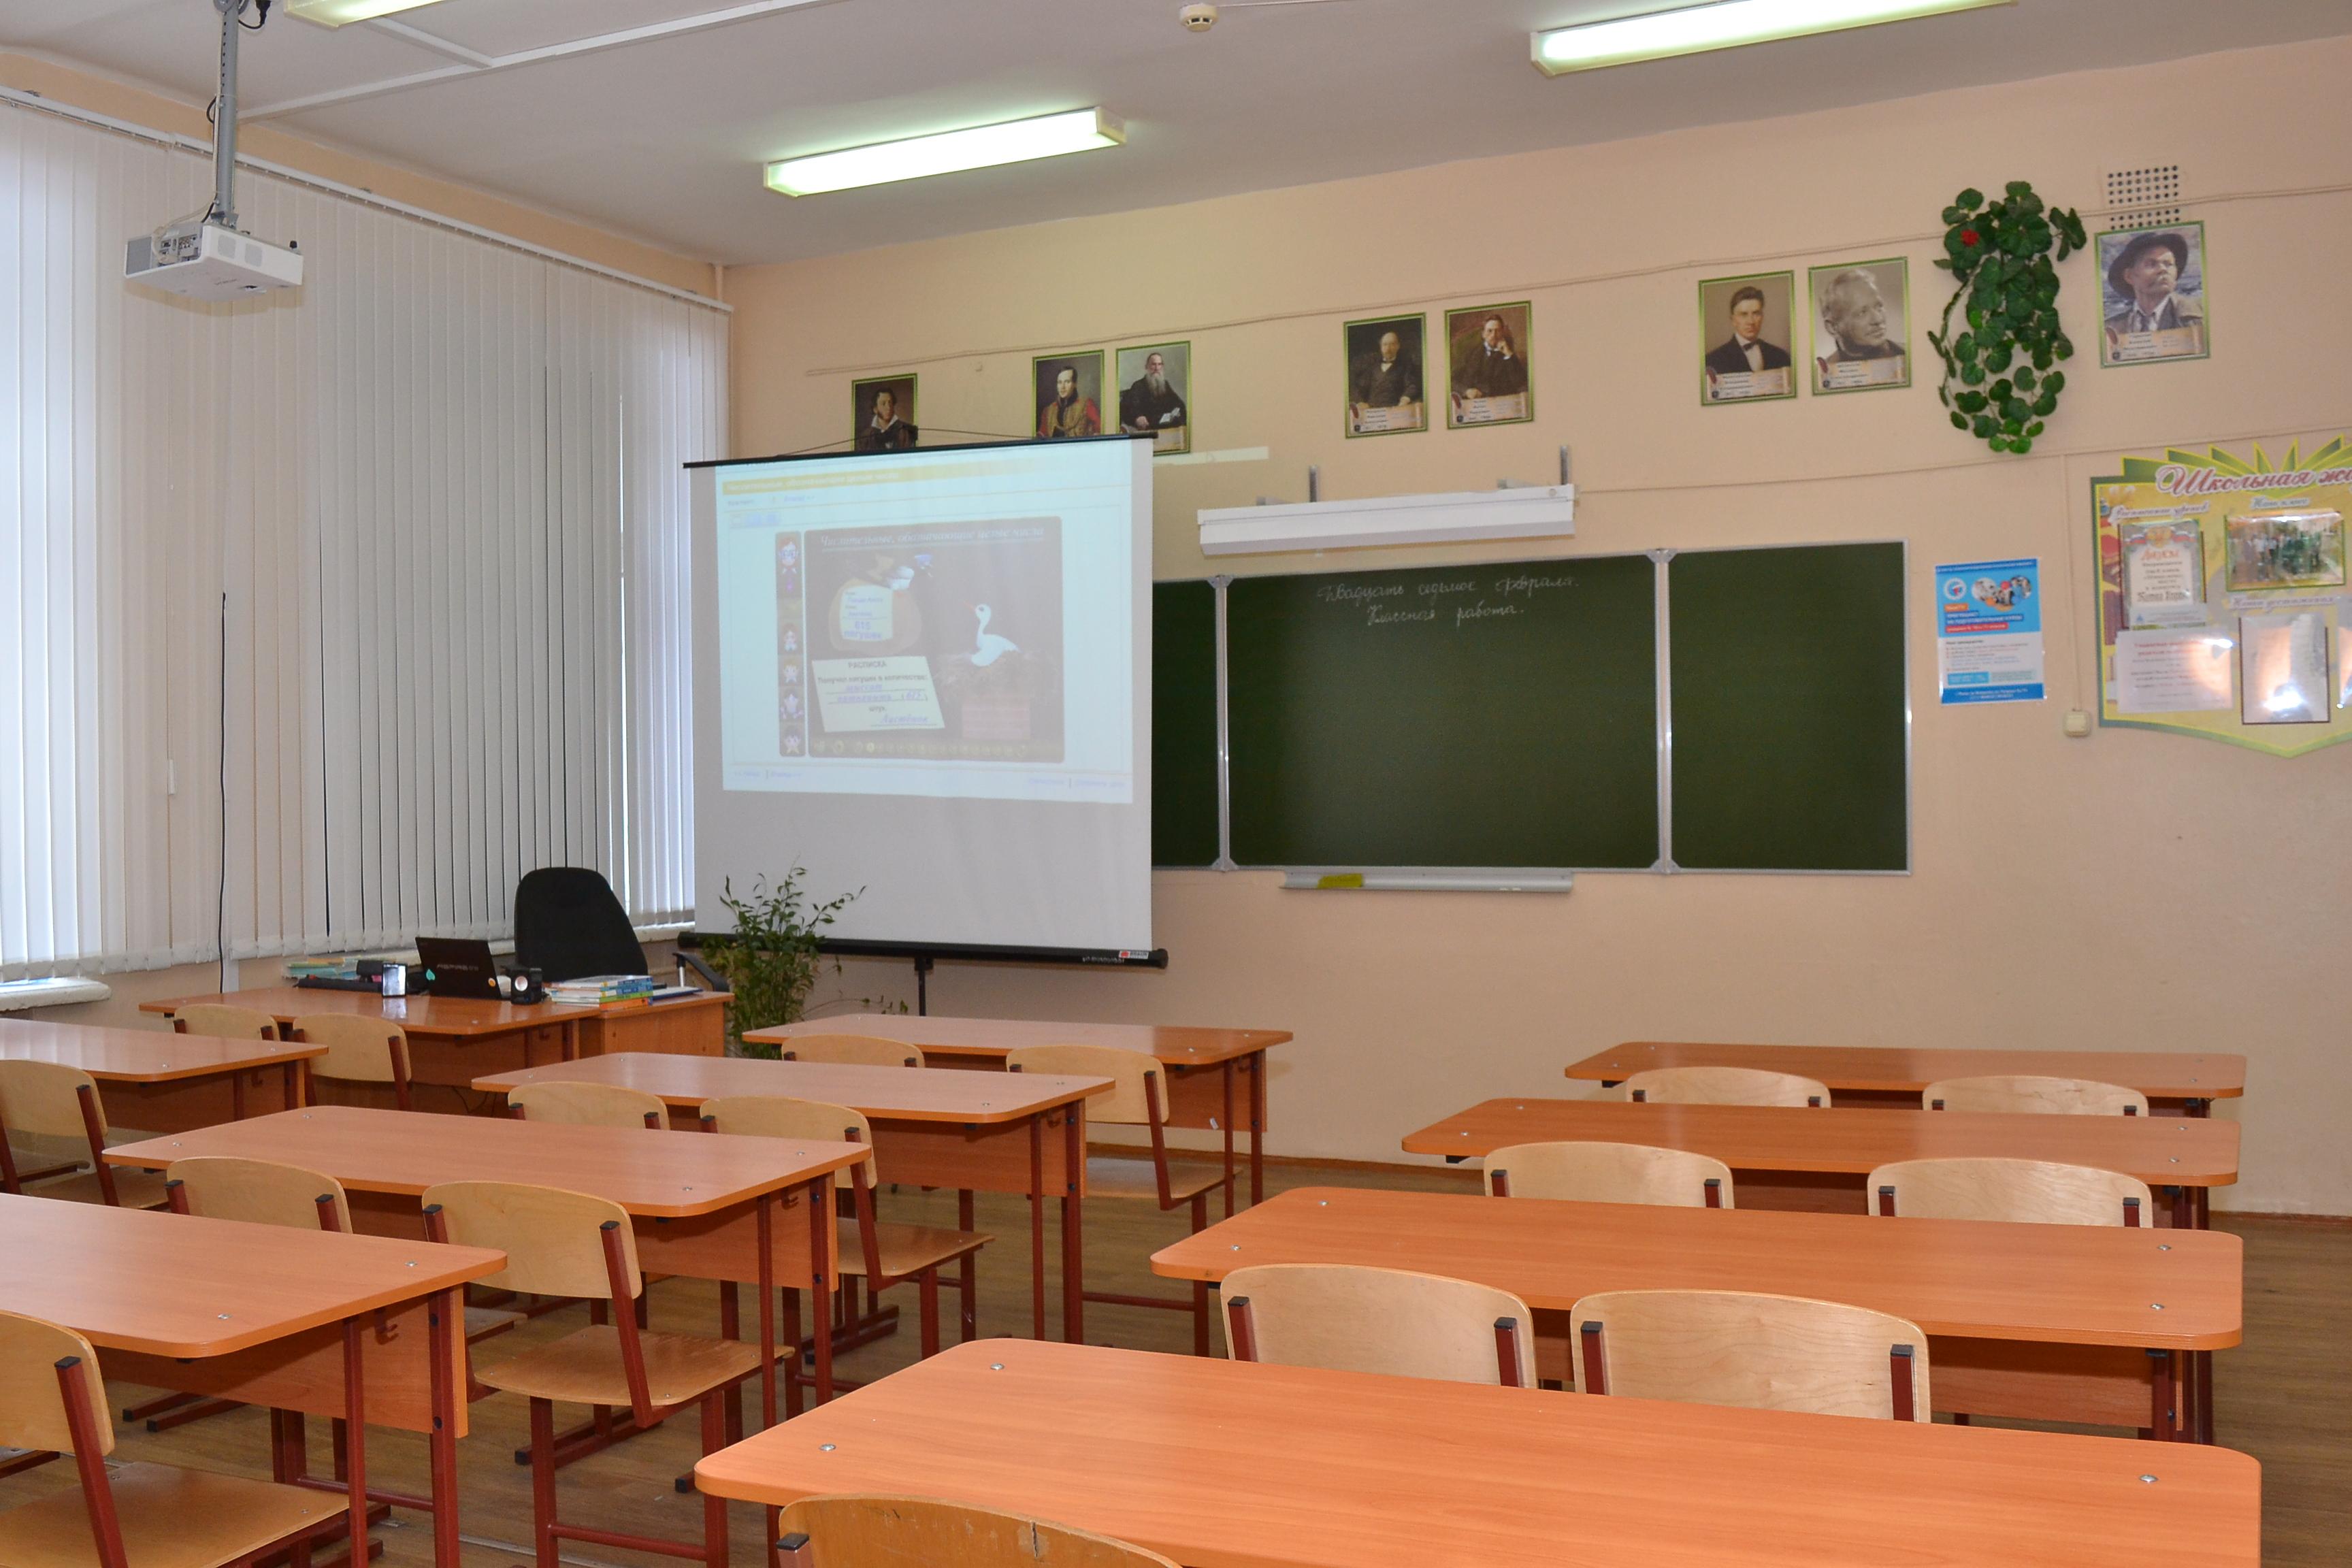 Кабинет № 24 - русский язык и литература